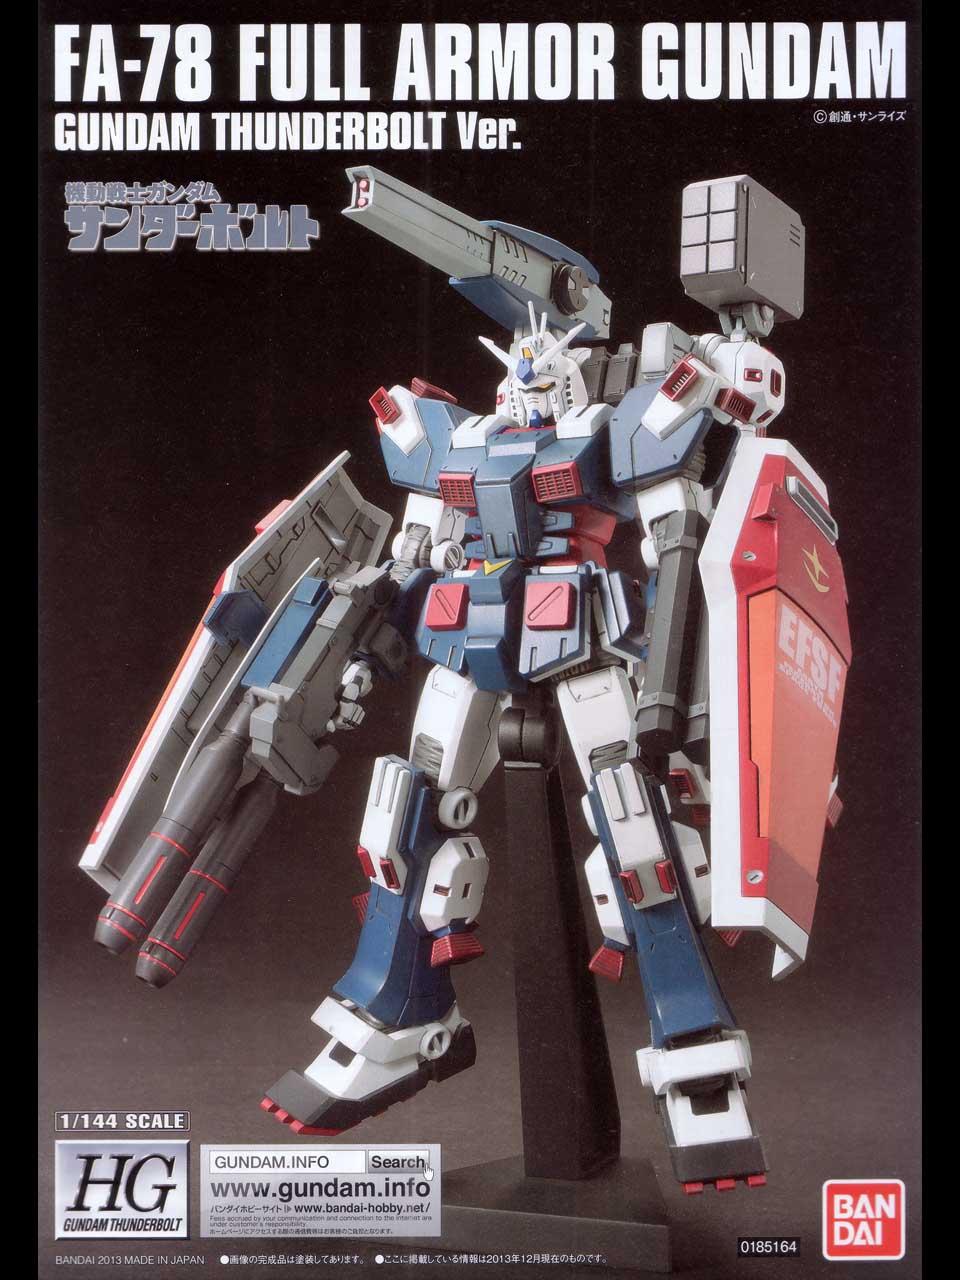 HGGT_FA_78_Fullarmor_gundam_Thunderbolt_ver_10.jpg